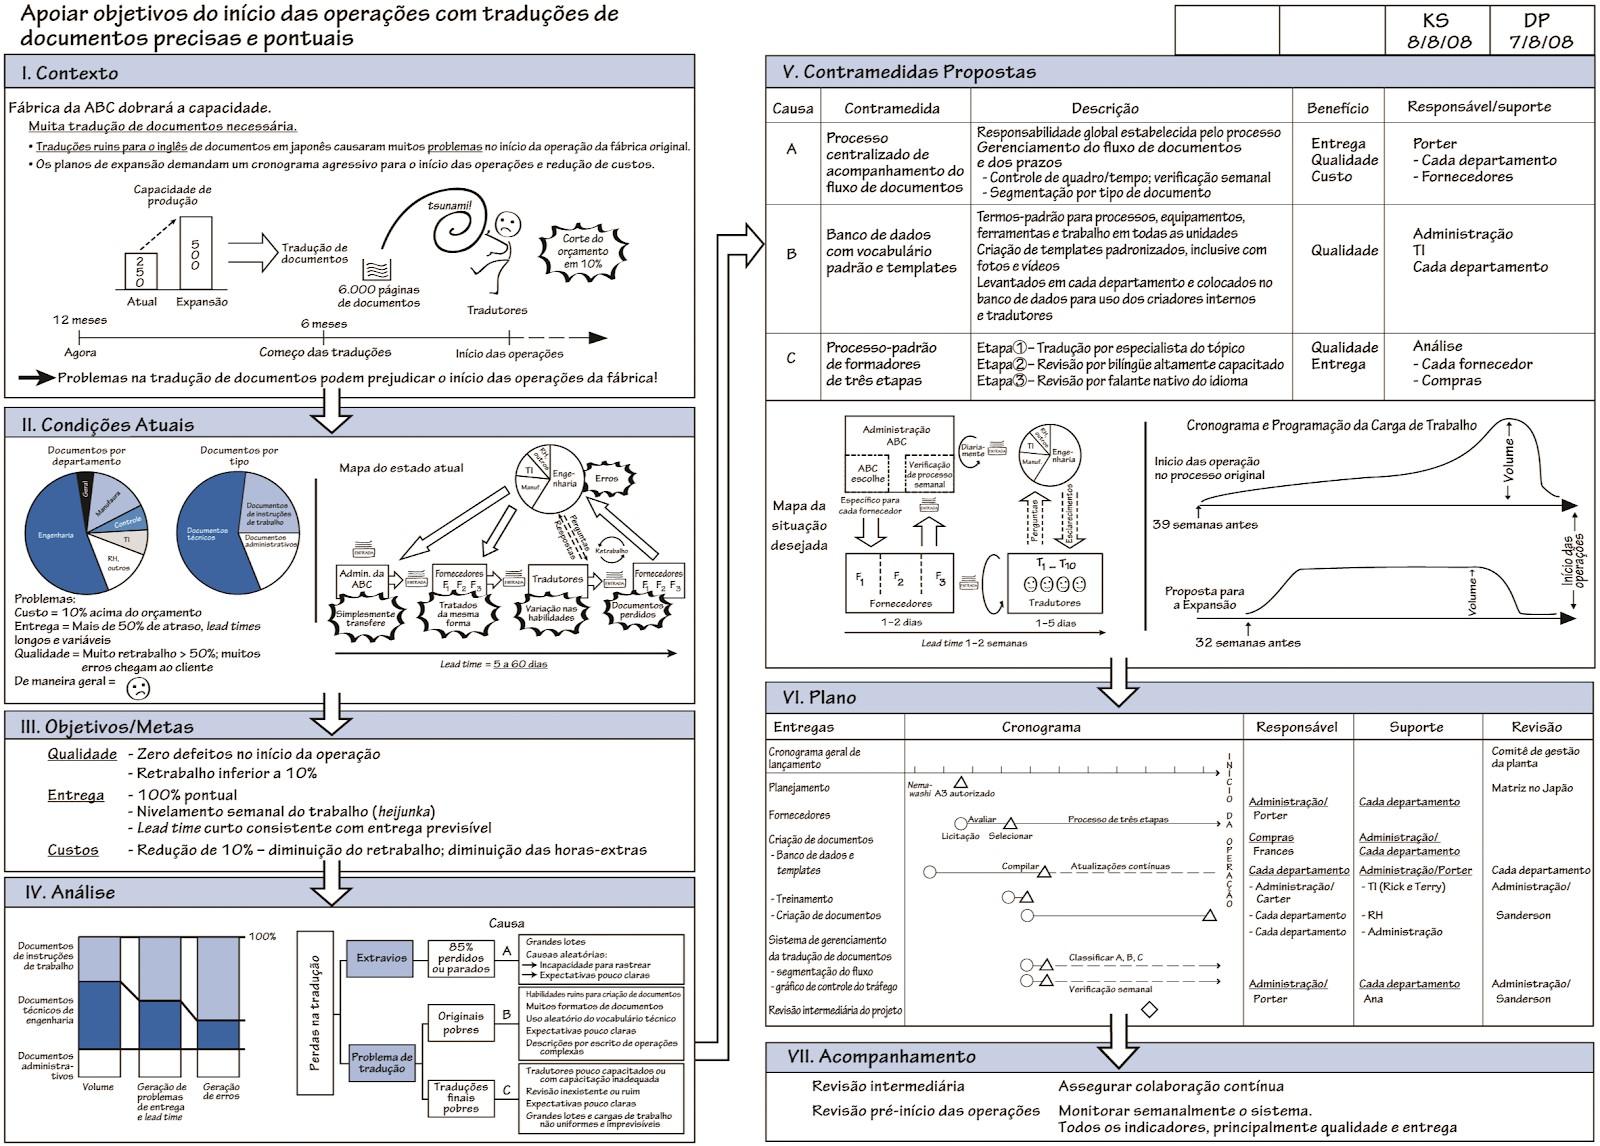 Figura 2 - Fonte: Shook, John. Gerenciando para o Aprendizado, São Paulo: Lean Institute Brasil, 2008.